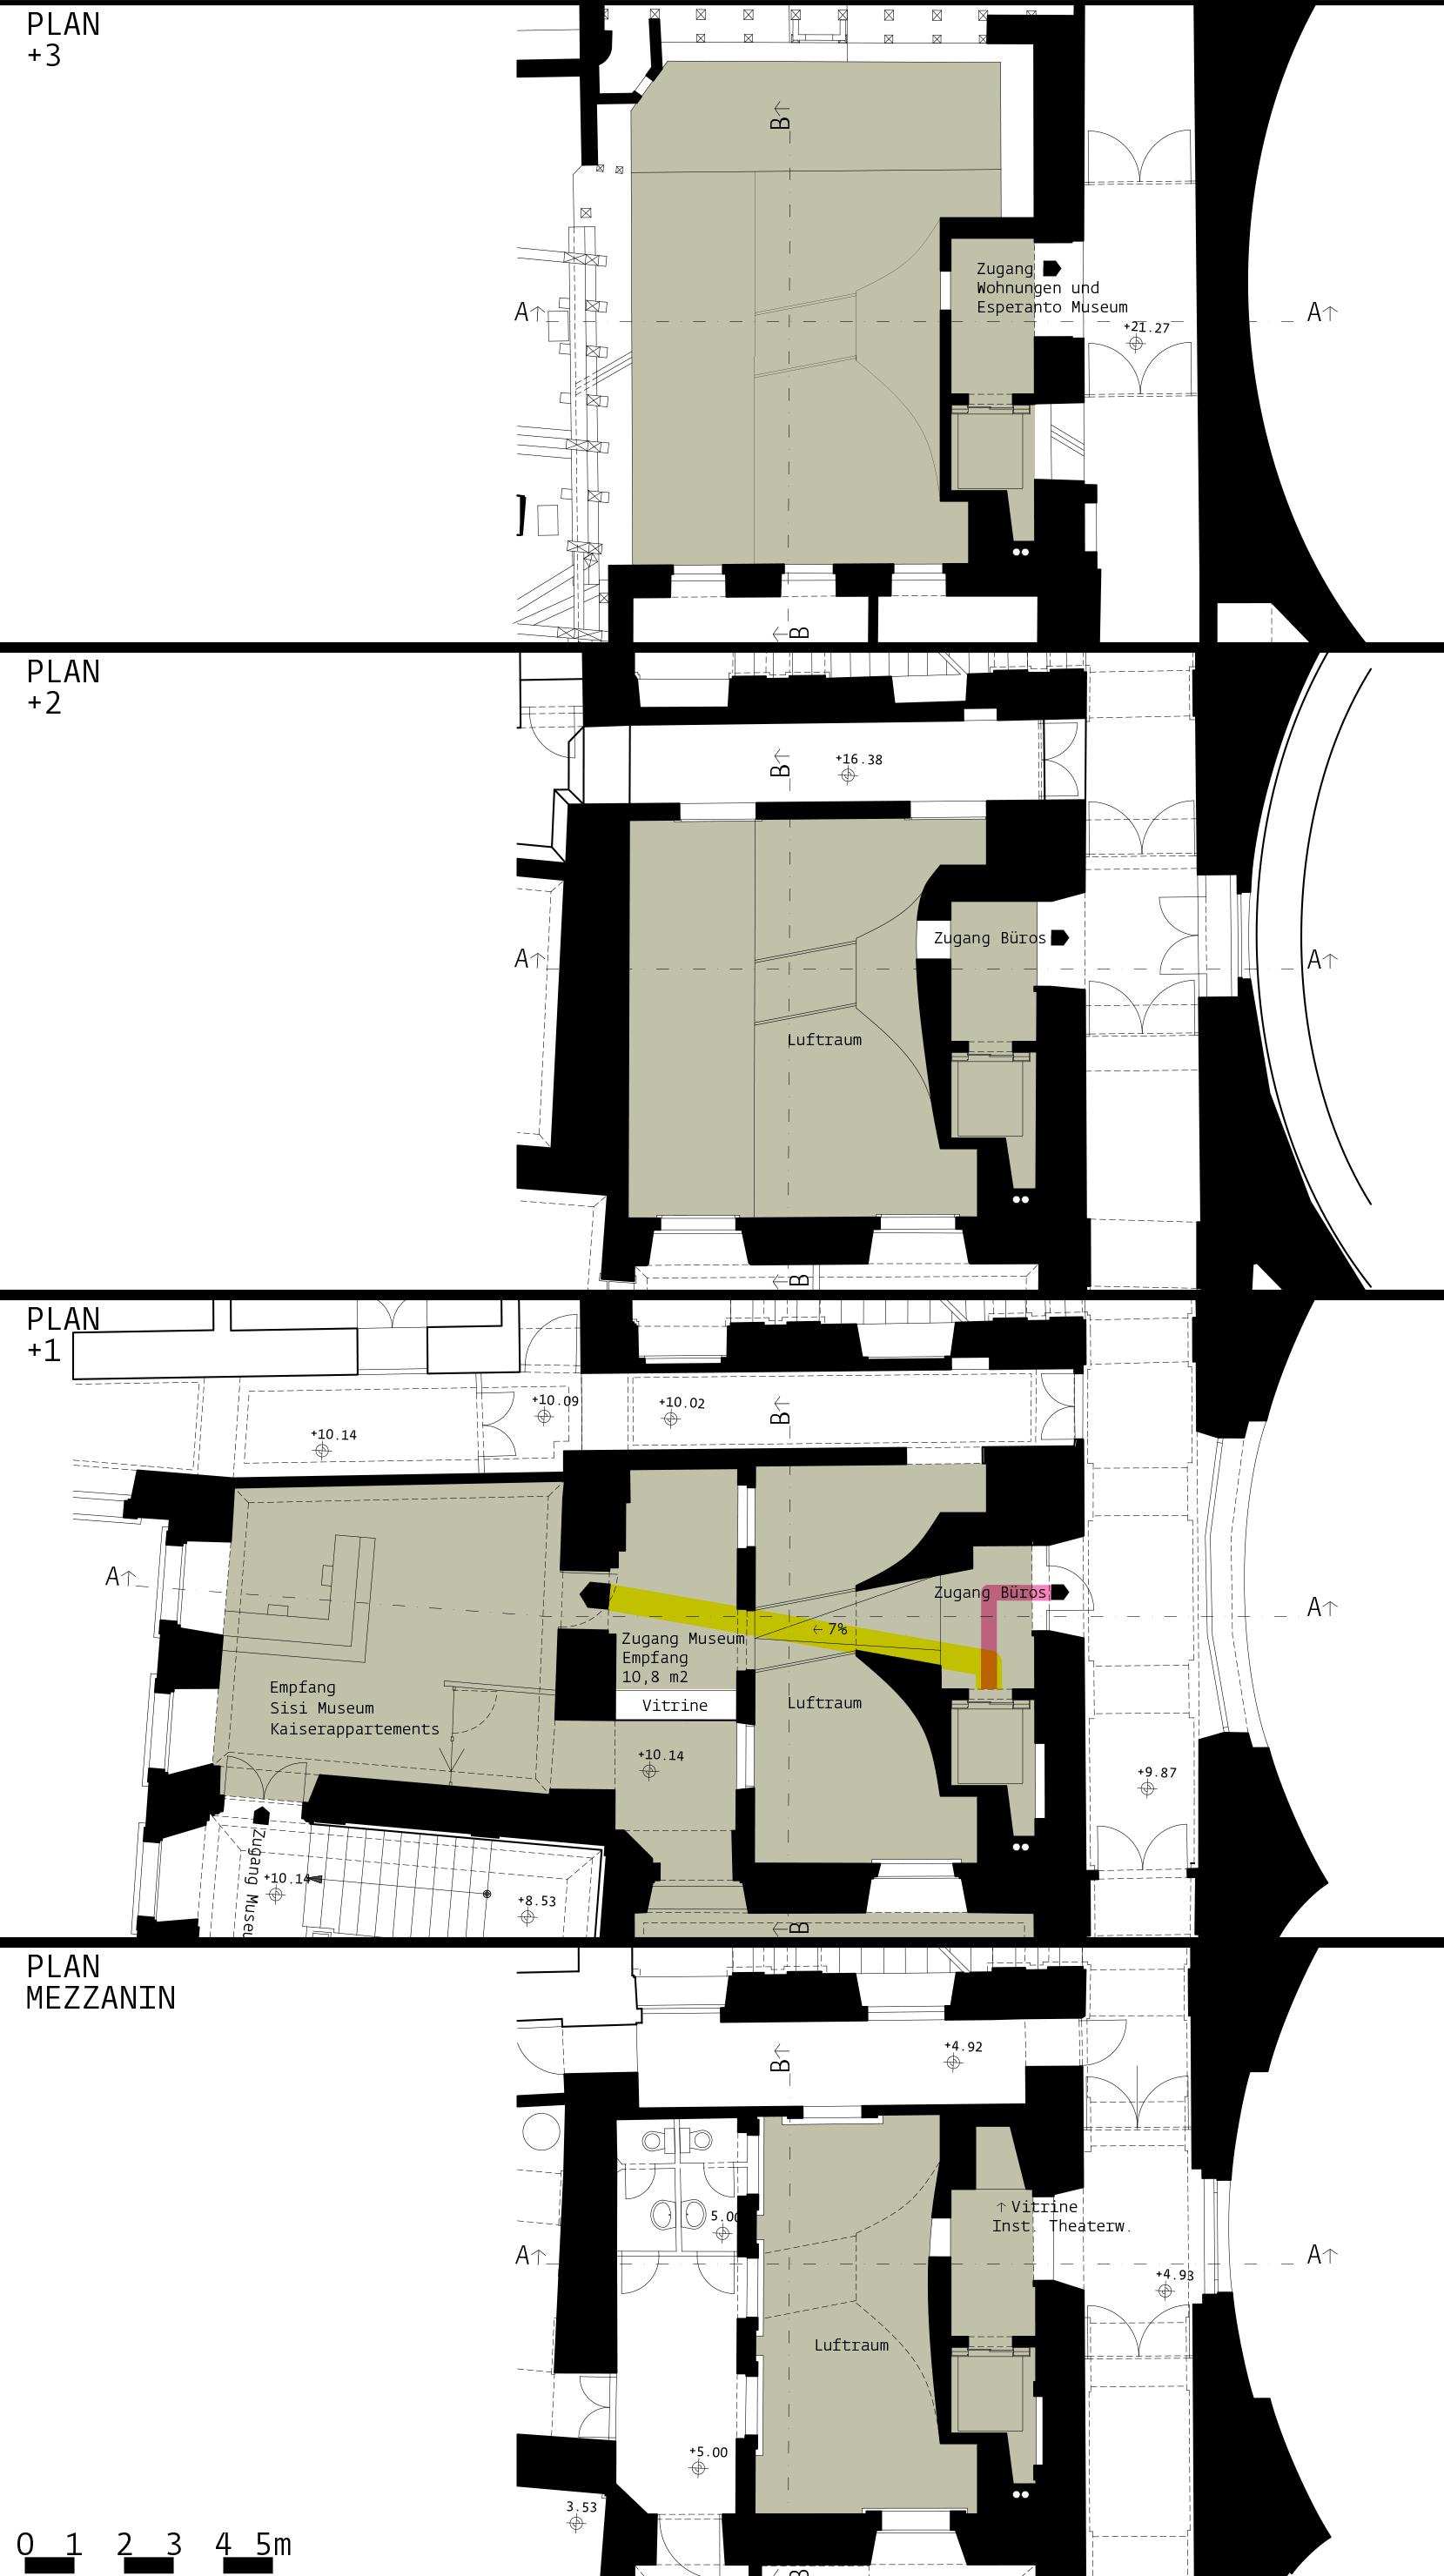 Silberkammer Hofburg: plans